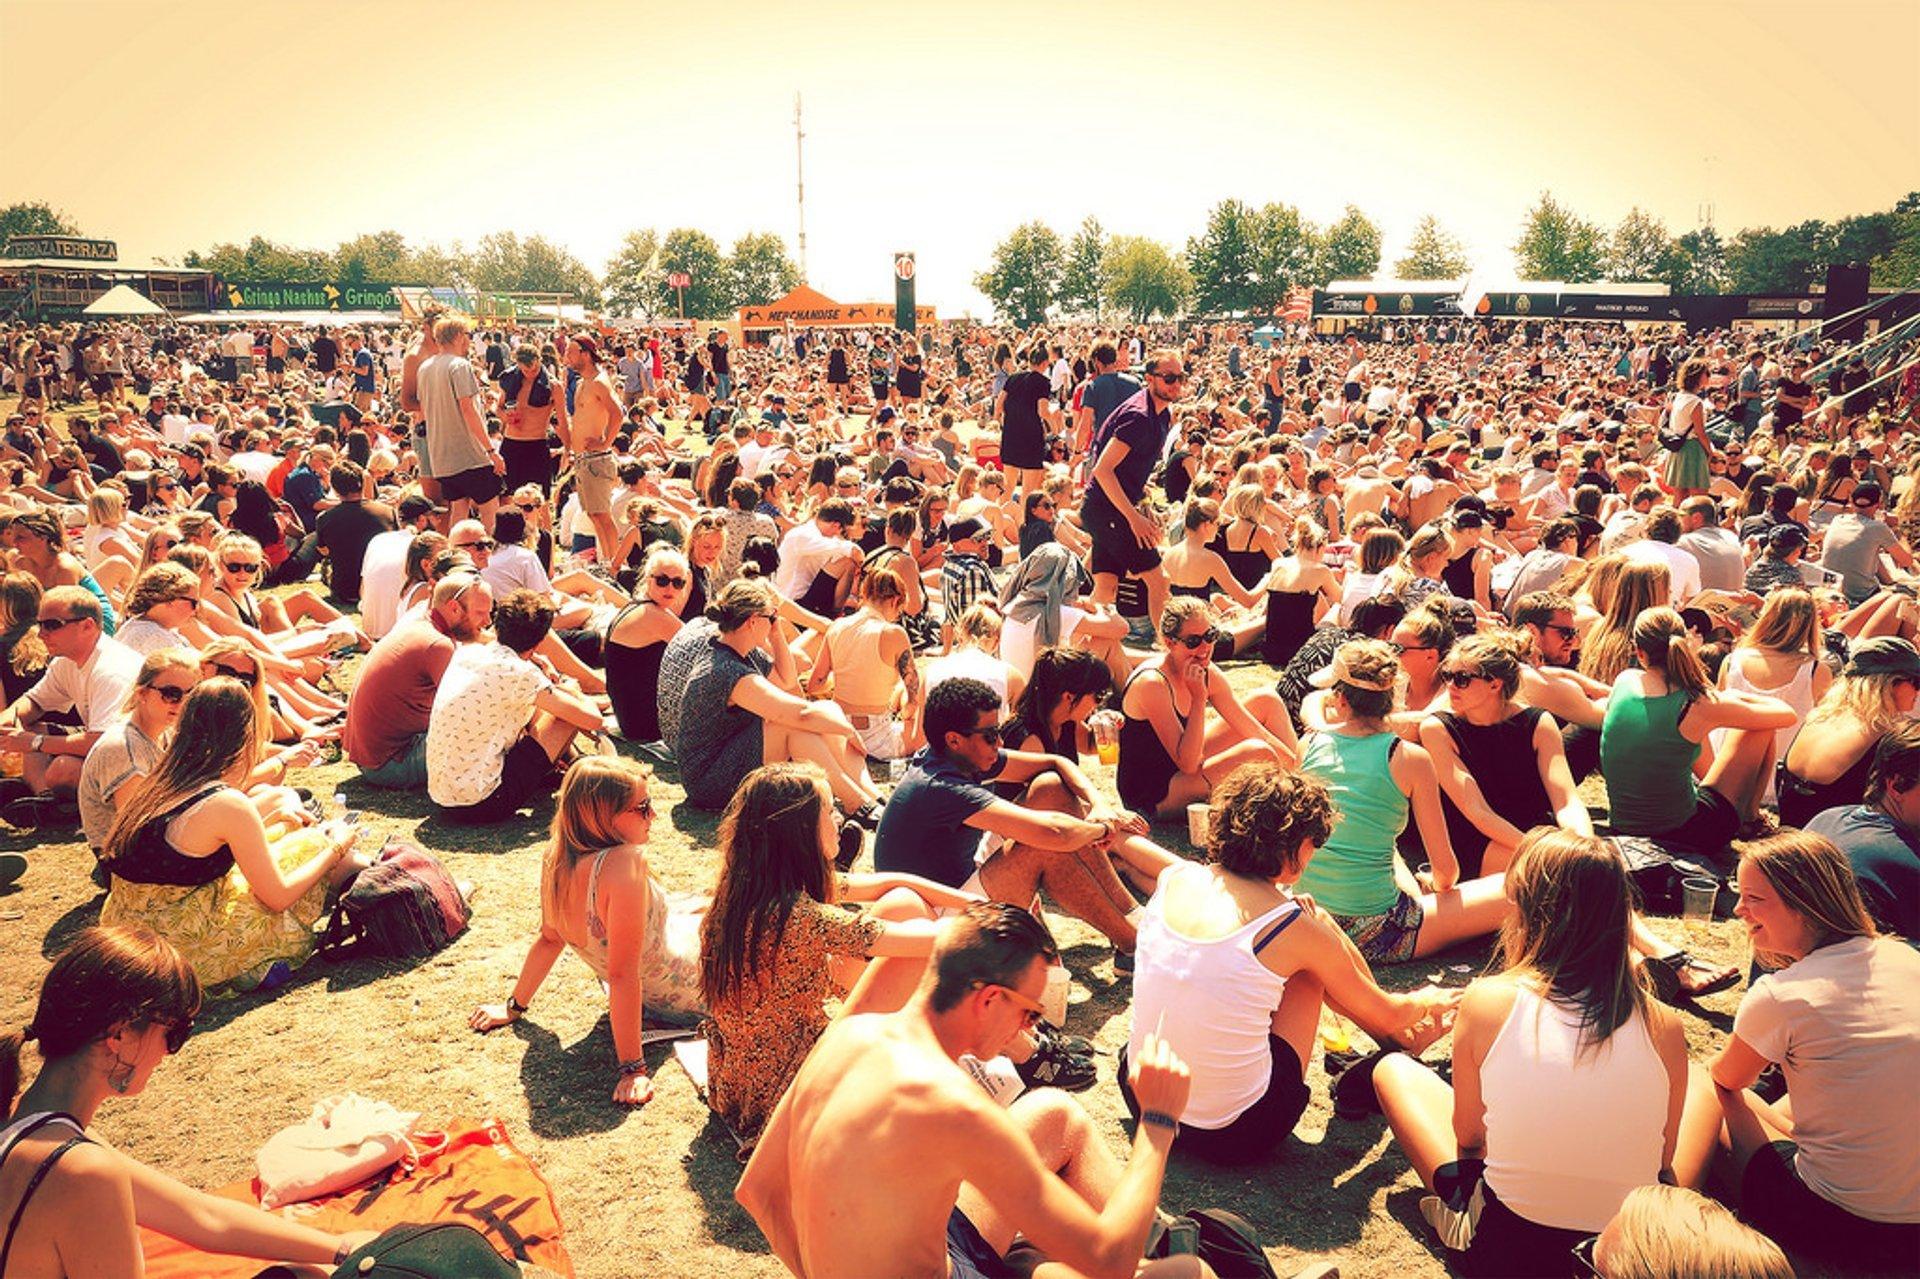 Roskilde Festival in Denmark - Best Season 2019